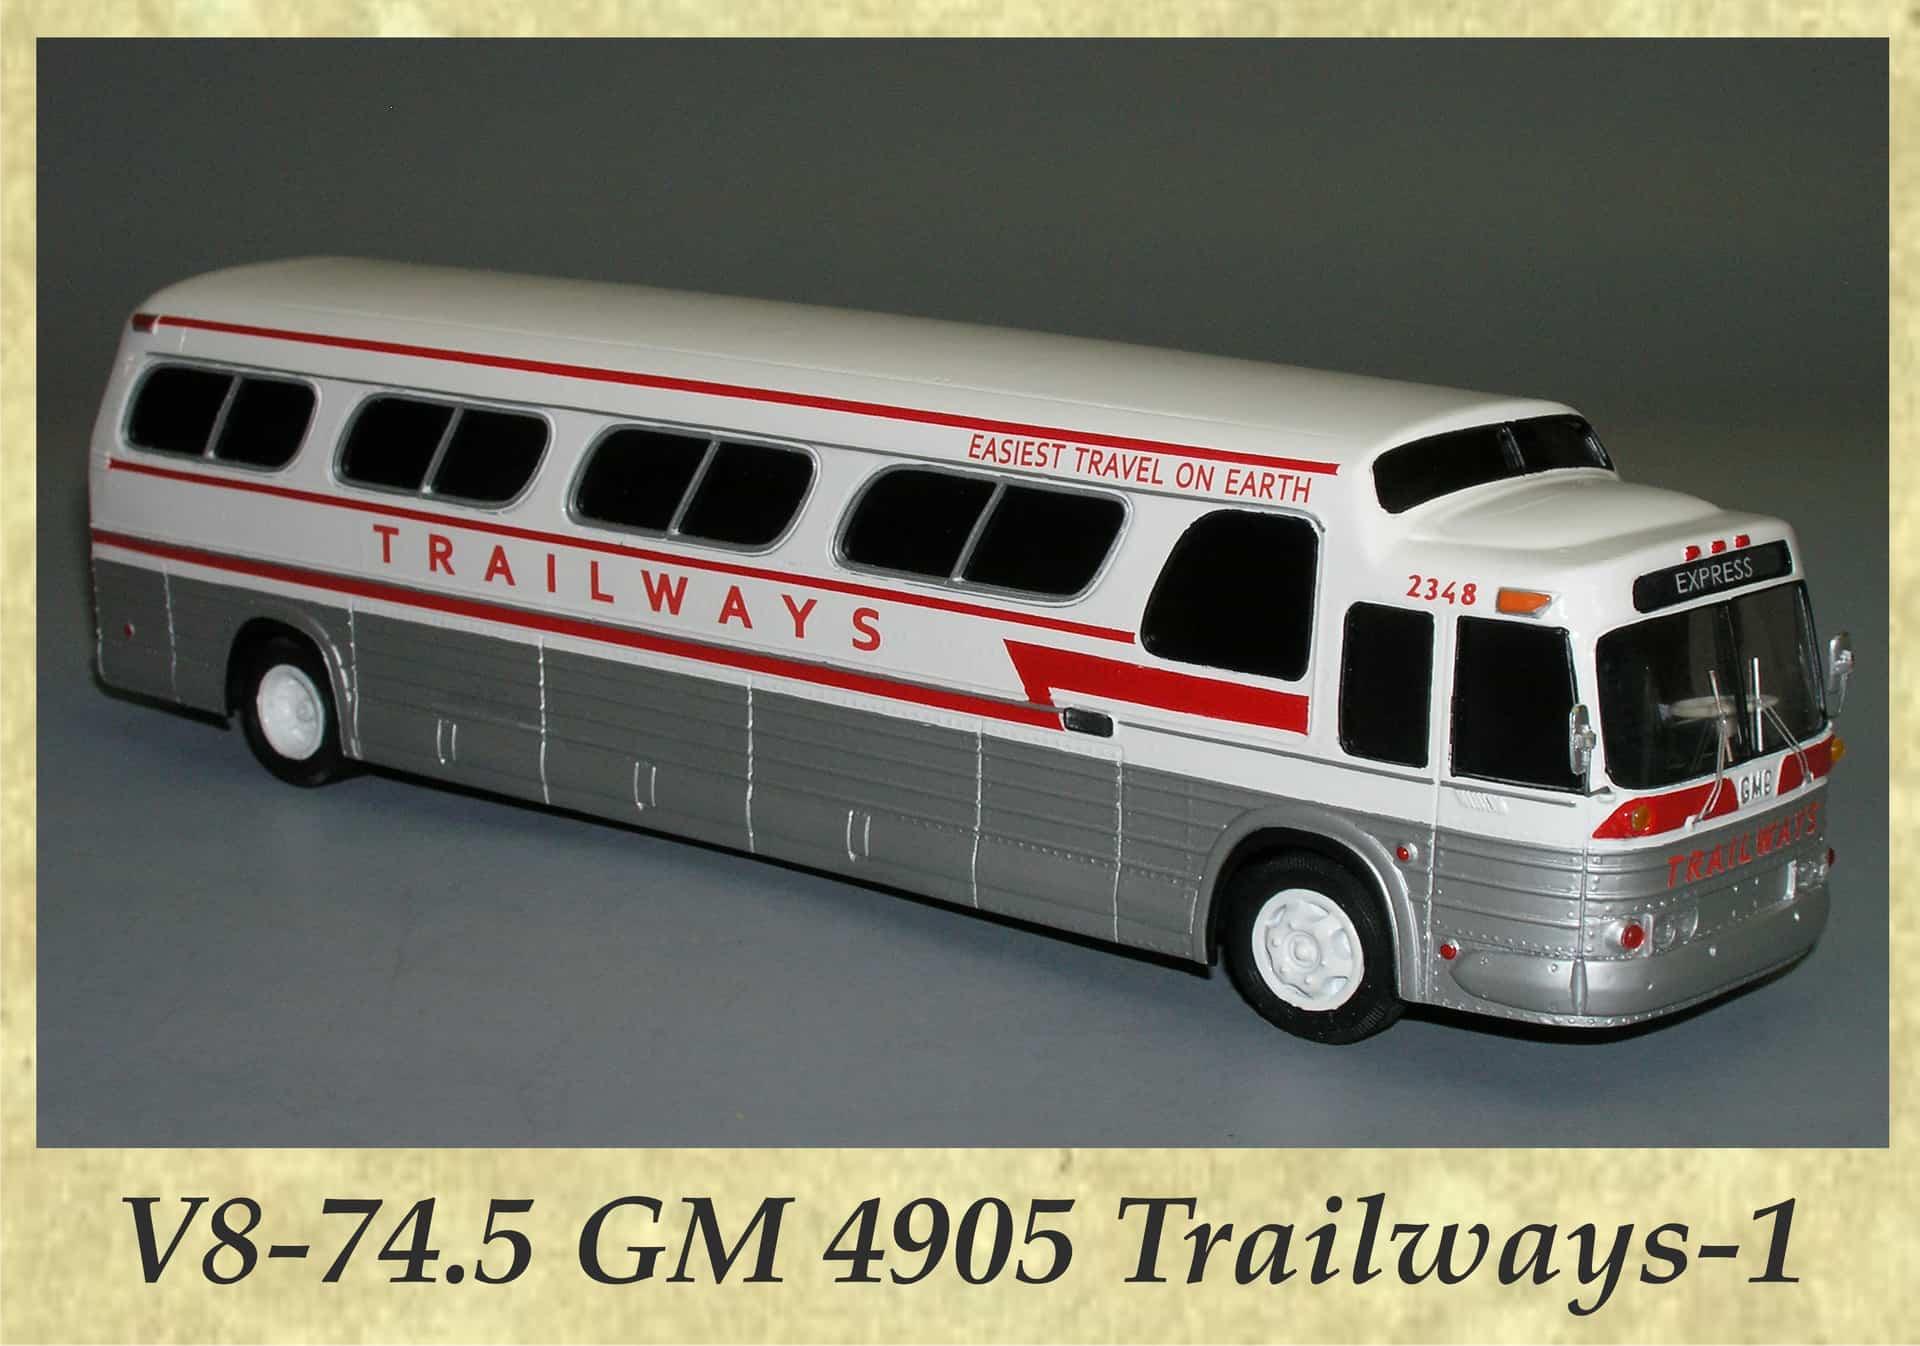 V8-74.5 GM 4905 Trailways-1